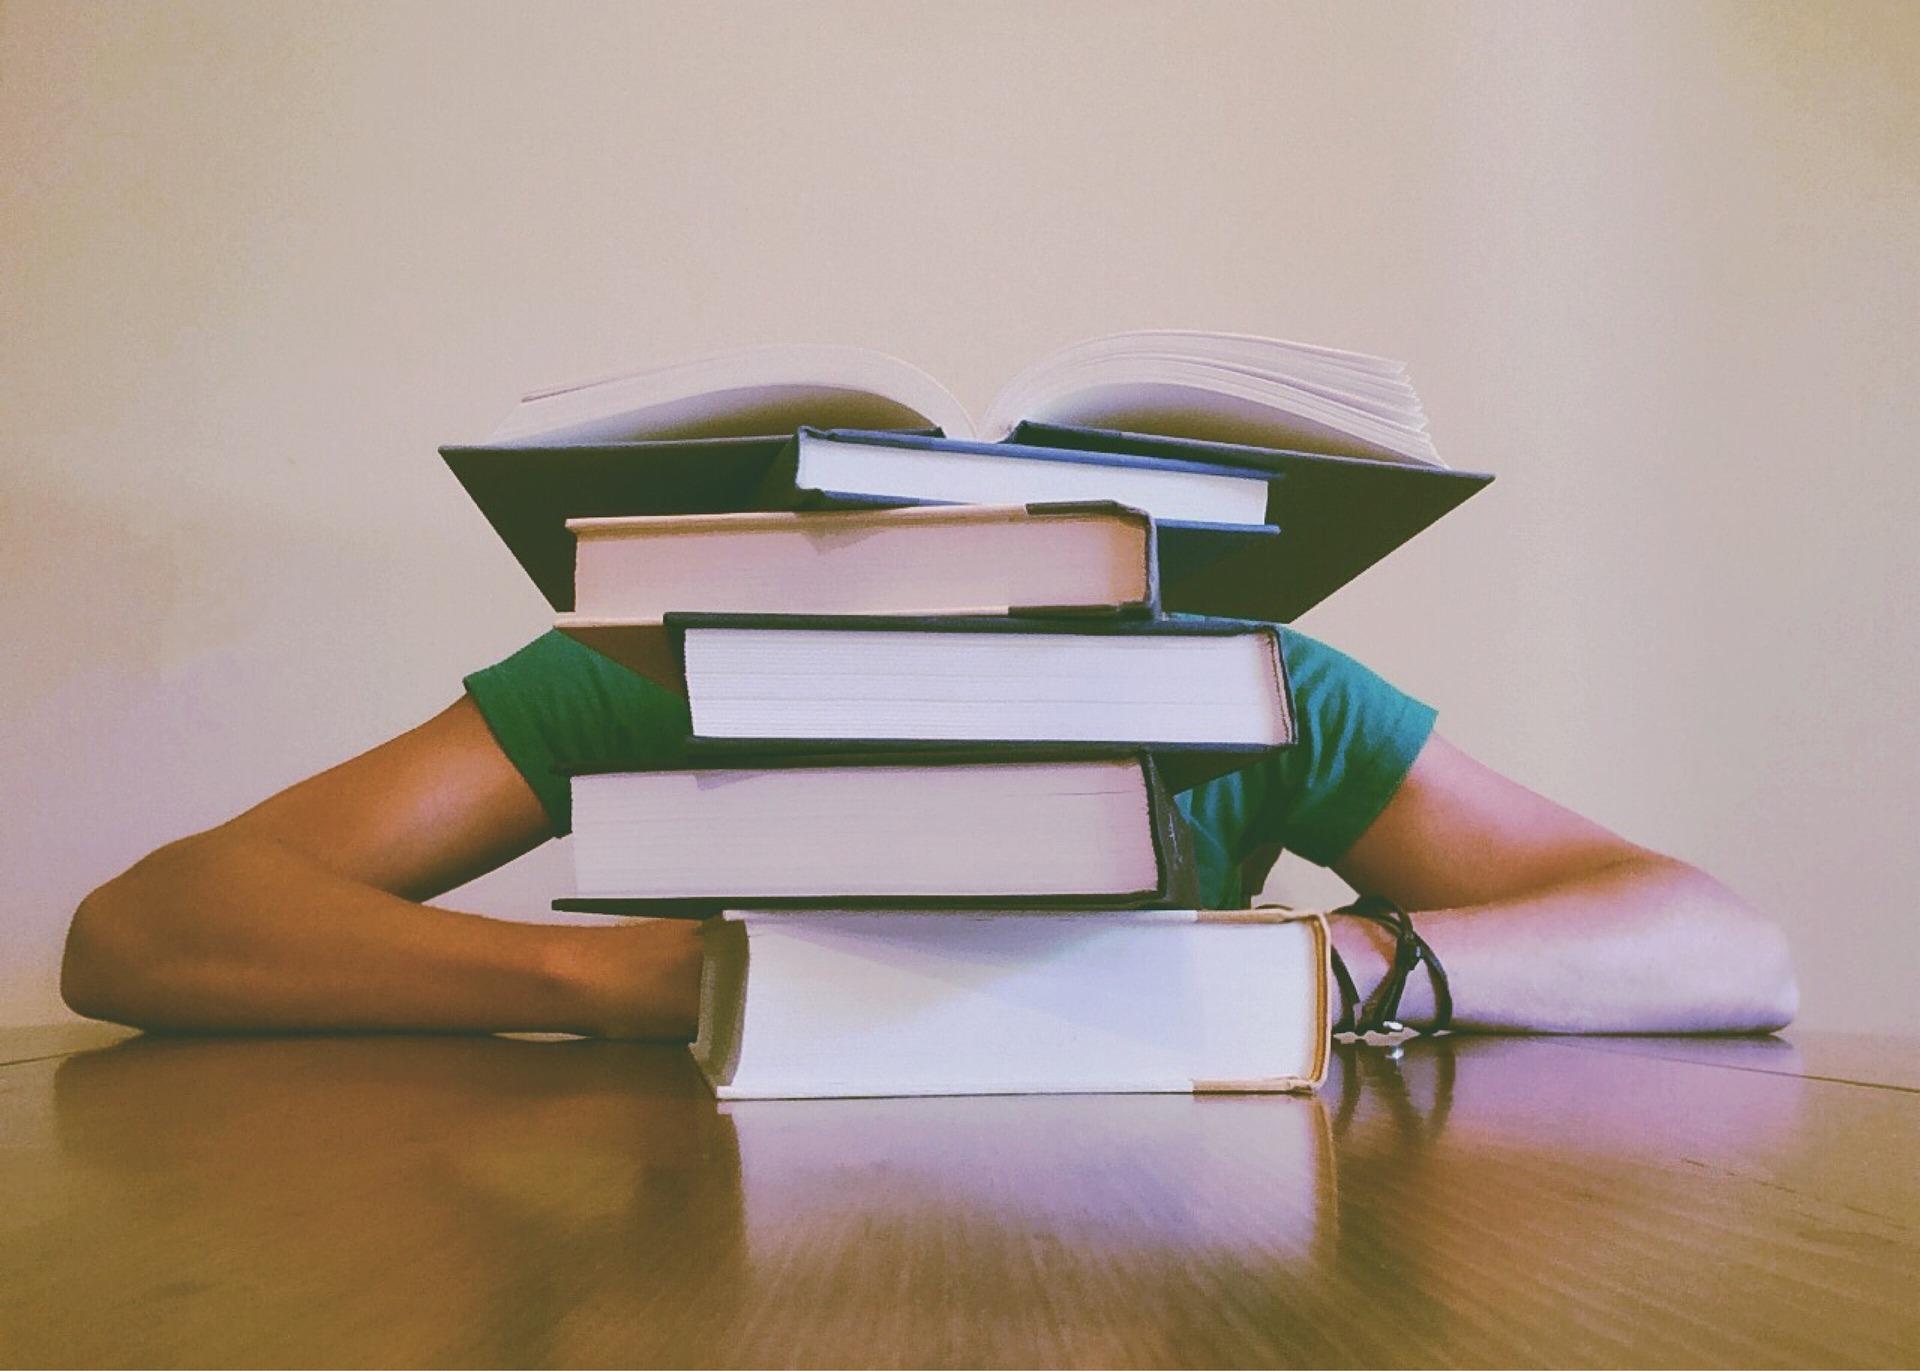 Azure学習の本5選|初心者でもわかりやすい勉強のポイント3つをご紹介!のアイキャッチイメージ